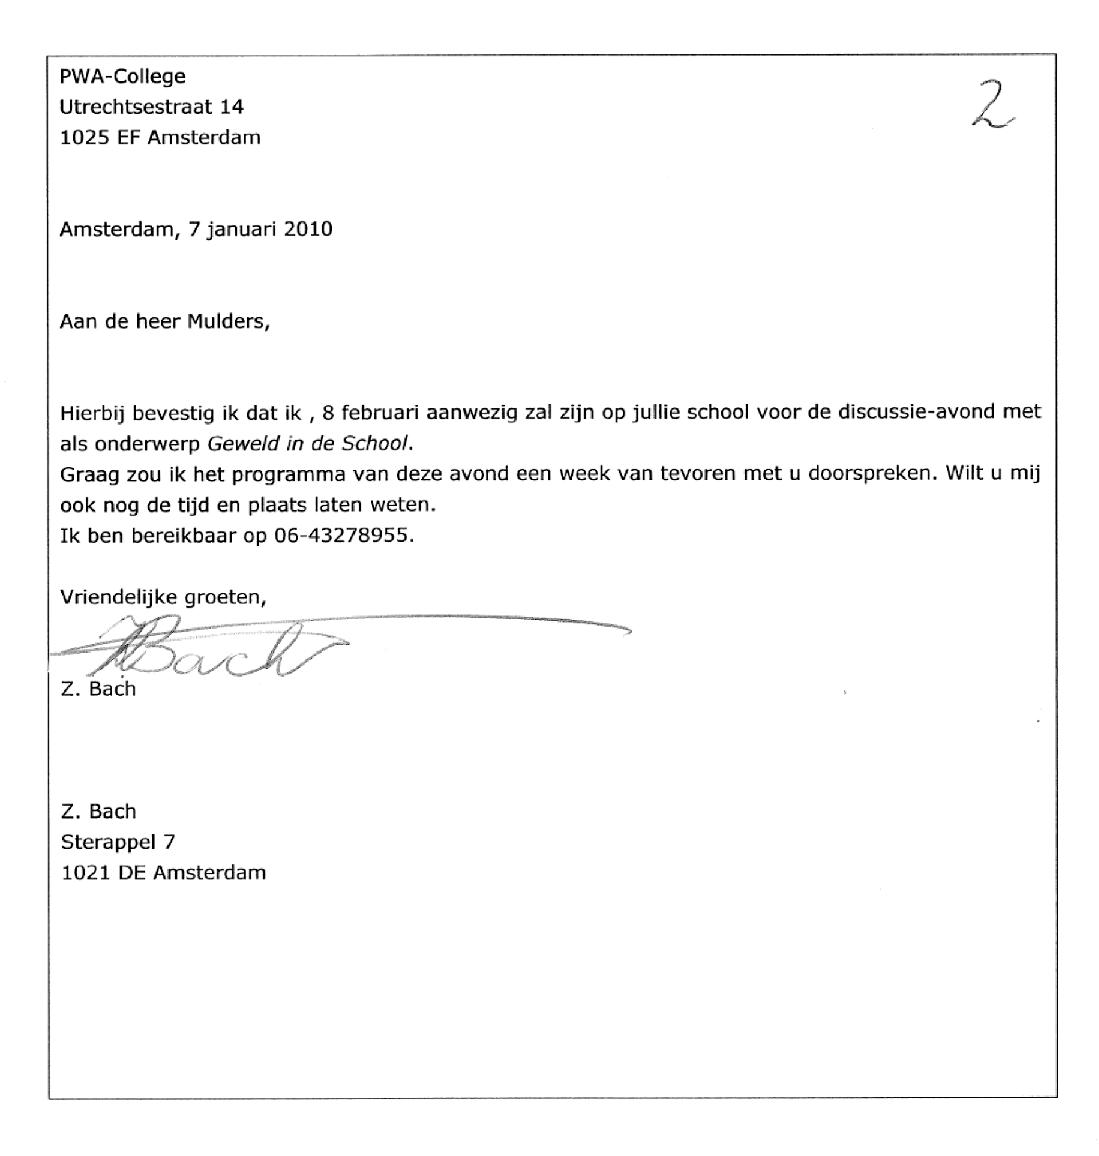 ziekte brief schrijven voor de school Ziekte Brief Schrijven Voor De School | hetmakershuis